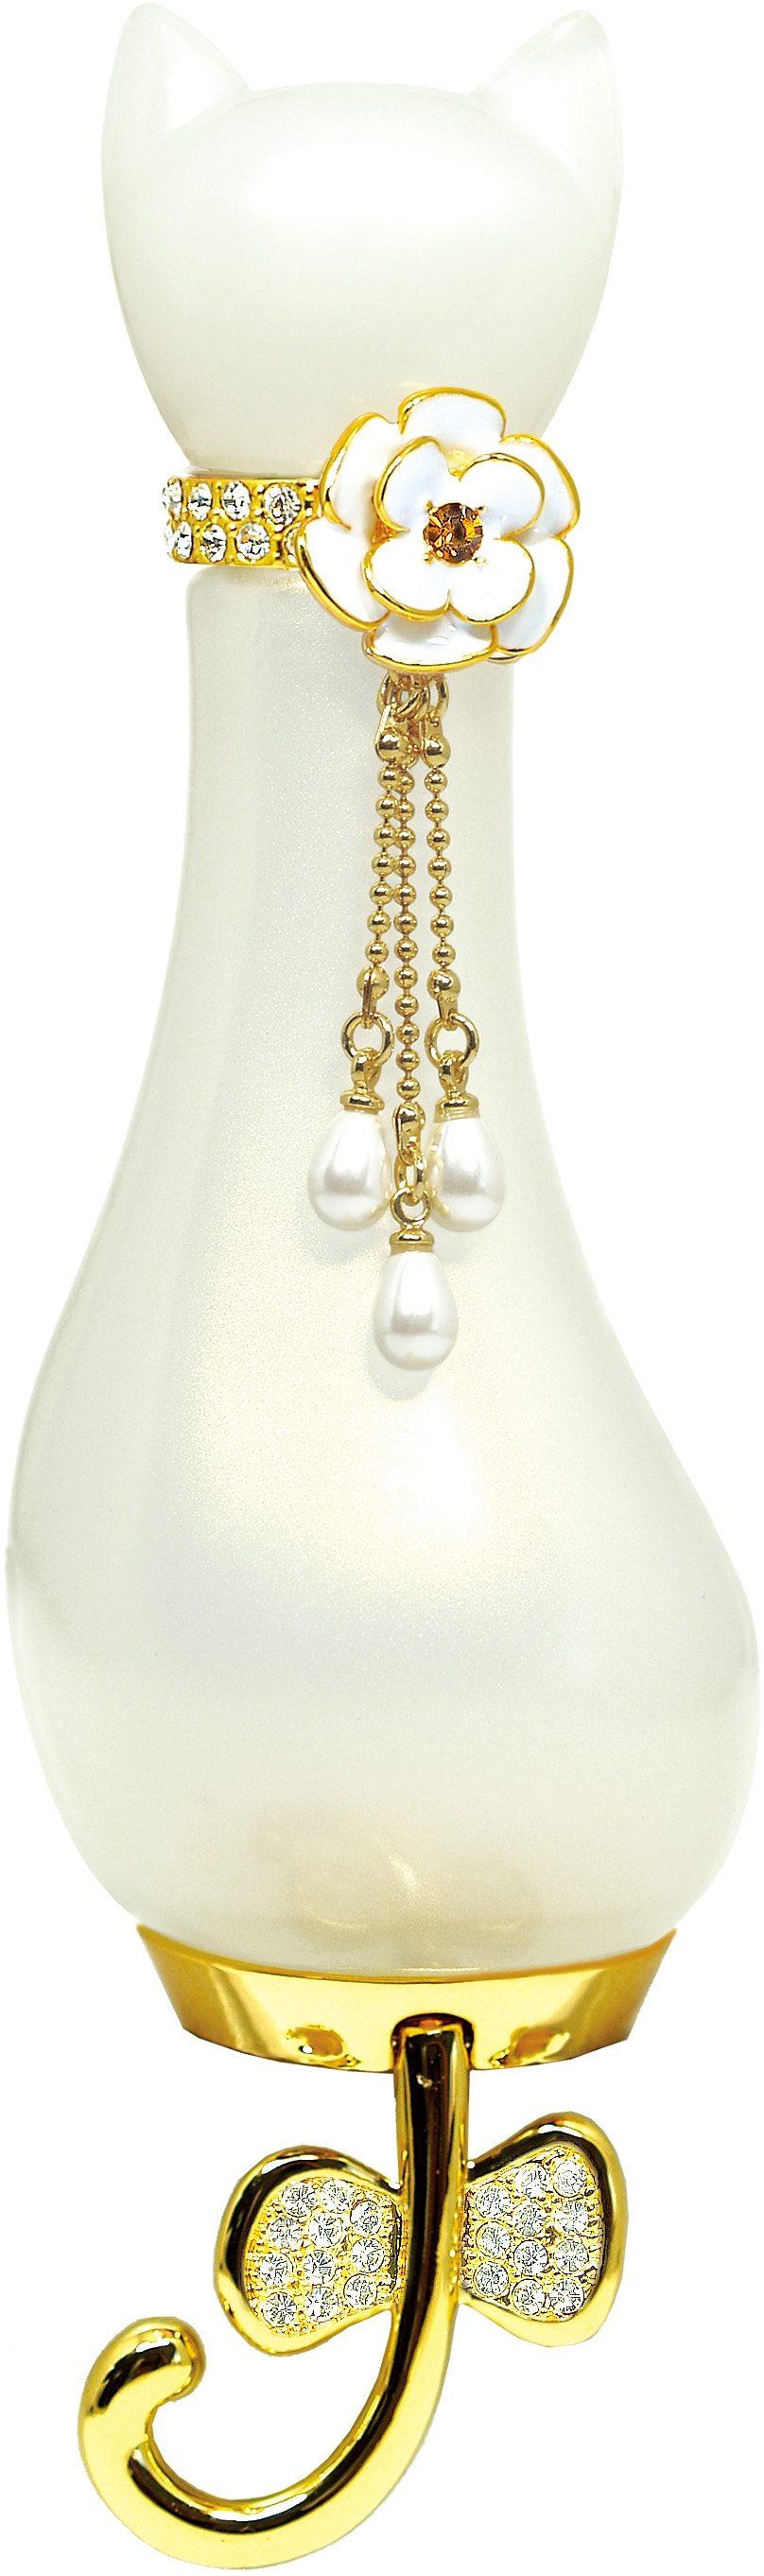 Novae Plus, »Miss Caty Cat - White Gold«, Eau de Parfum